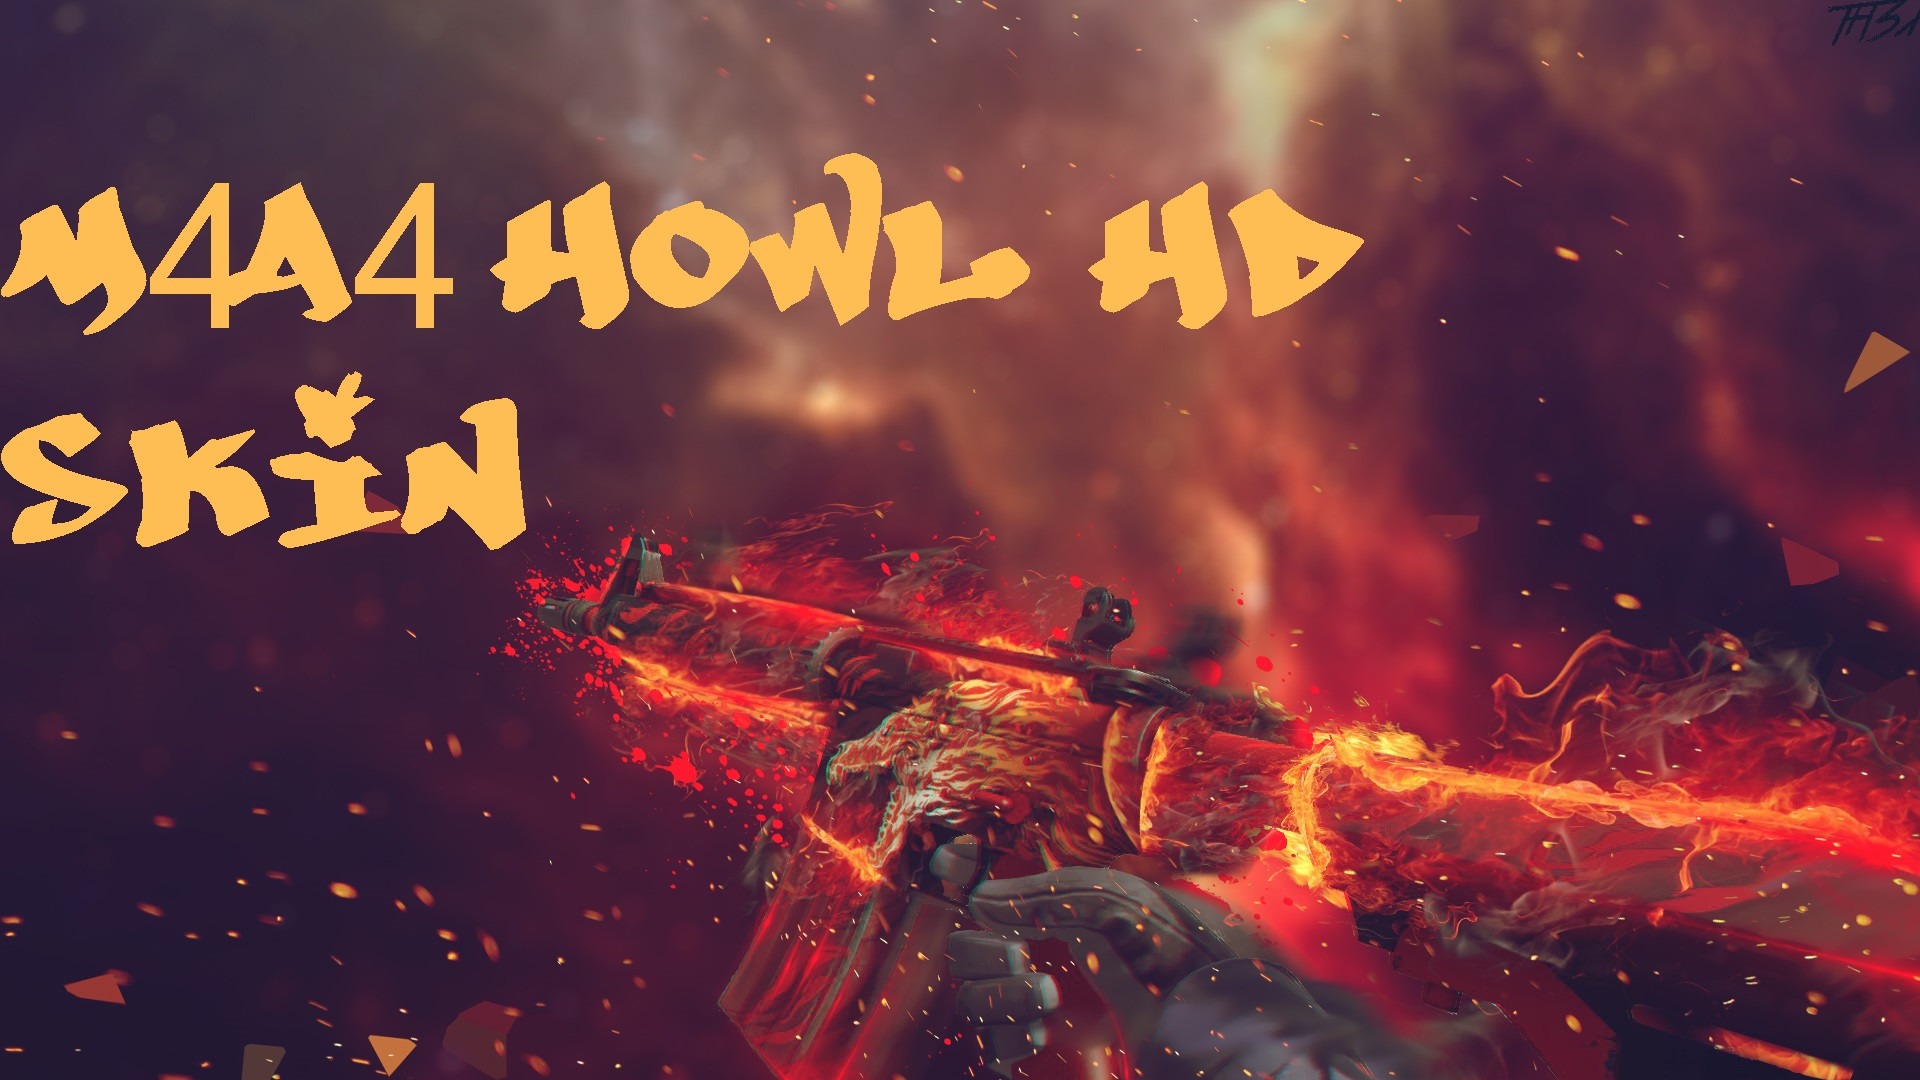 دانلود اسکین ان فور اچ دی M4A4 Howl HD برای کانتر استریک 1.6